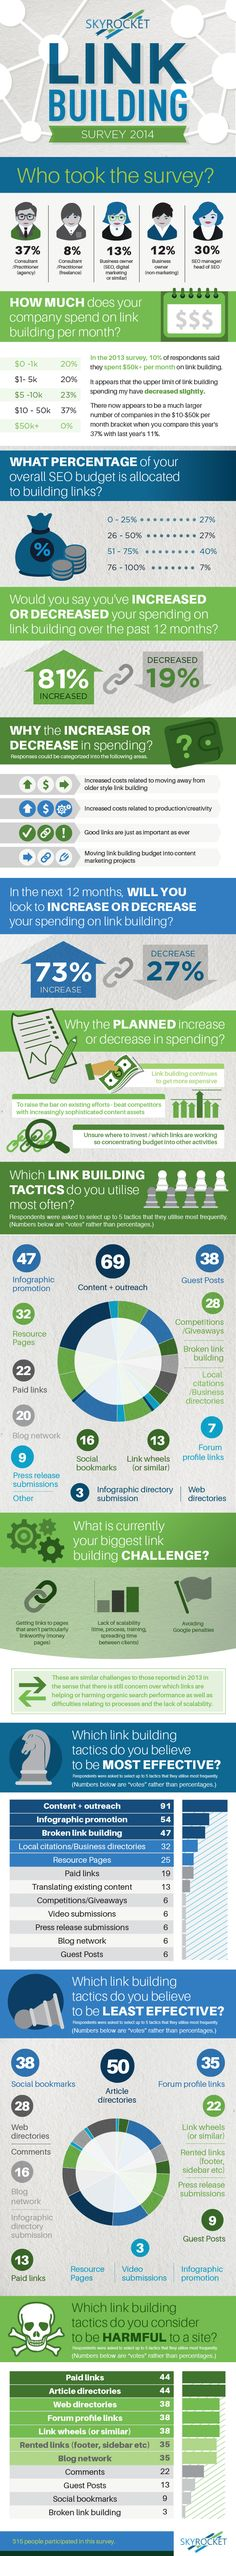 Enquête sur le LinkBuilding 2014 - SkyRocket SEO (vu sur Moz)